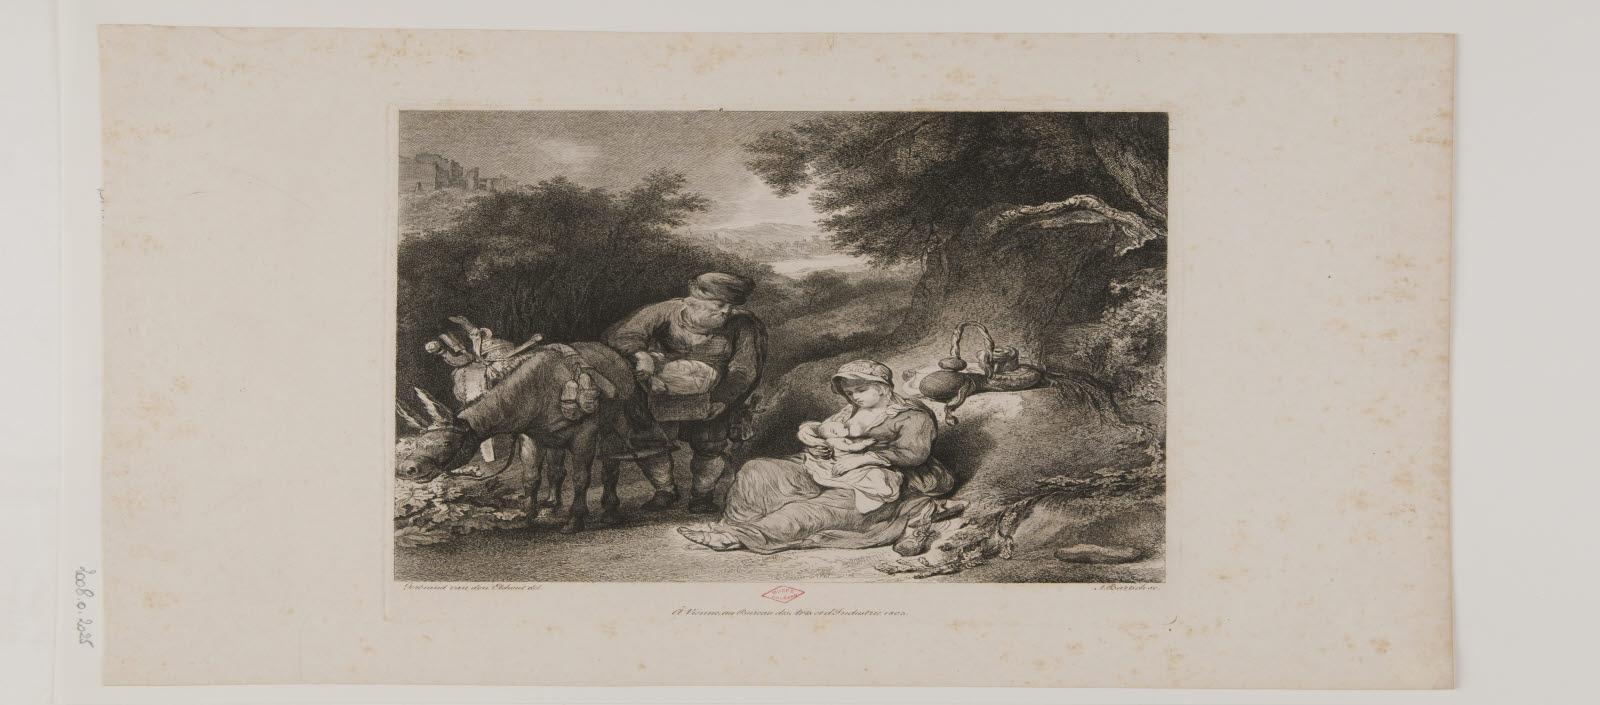 BARTSCH Adam von (graveur), BUREAU DES ARTS ET D'INDUSTRIE (éditeur), EECKHOUT Gerbrand van den (inventeur) : Le Repos pendant la fuite en Egypte